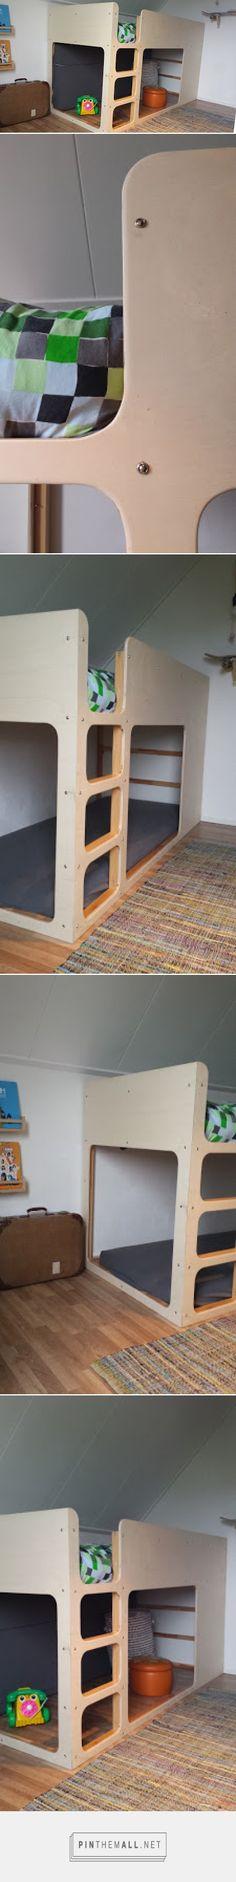 Ikea Kura hack!   Ondeugende Spruit - created via https://pinthemall.net